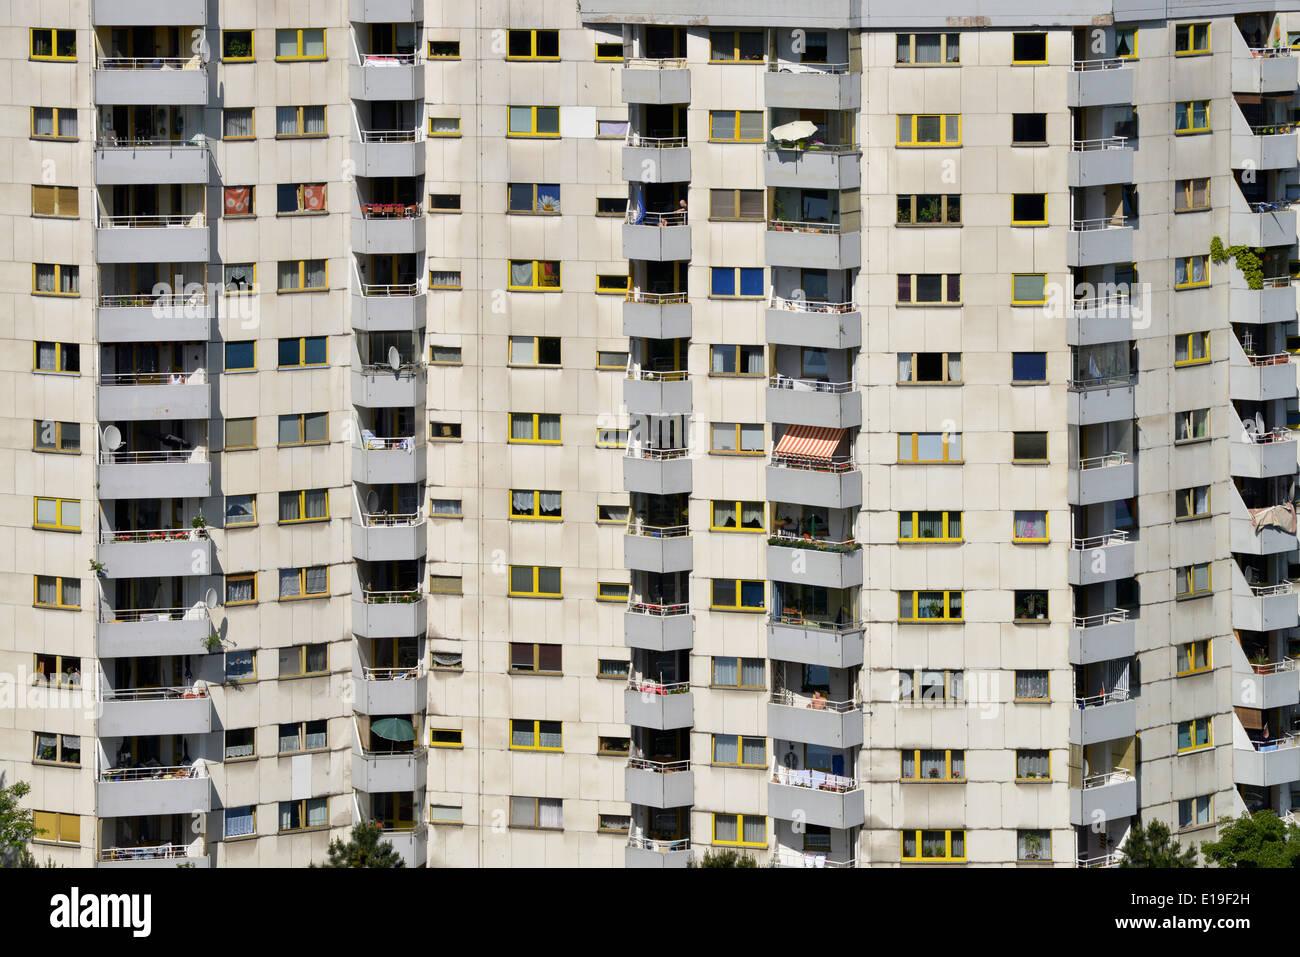 Hochhaus, Senftenberger Ring, Maerkisches Viertel, Berlin, Deutschland / Märkisches - Stock Image